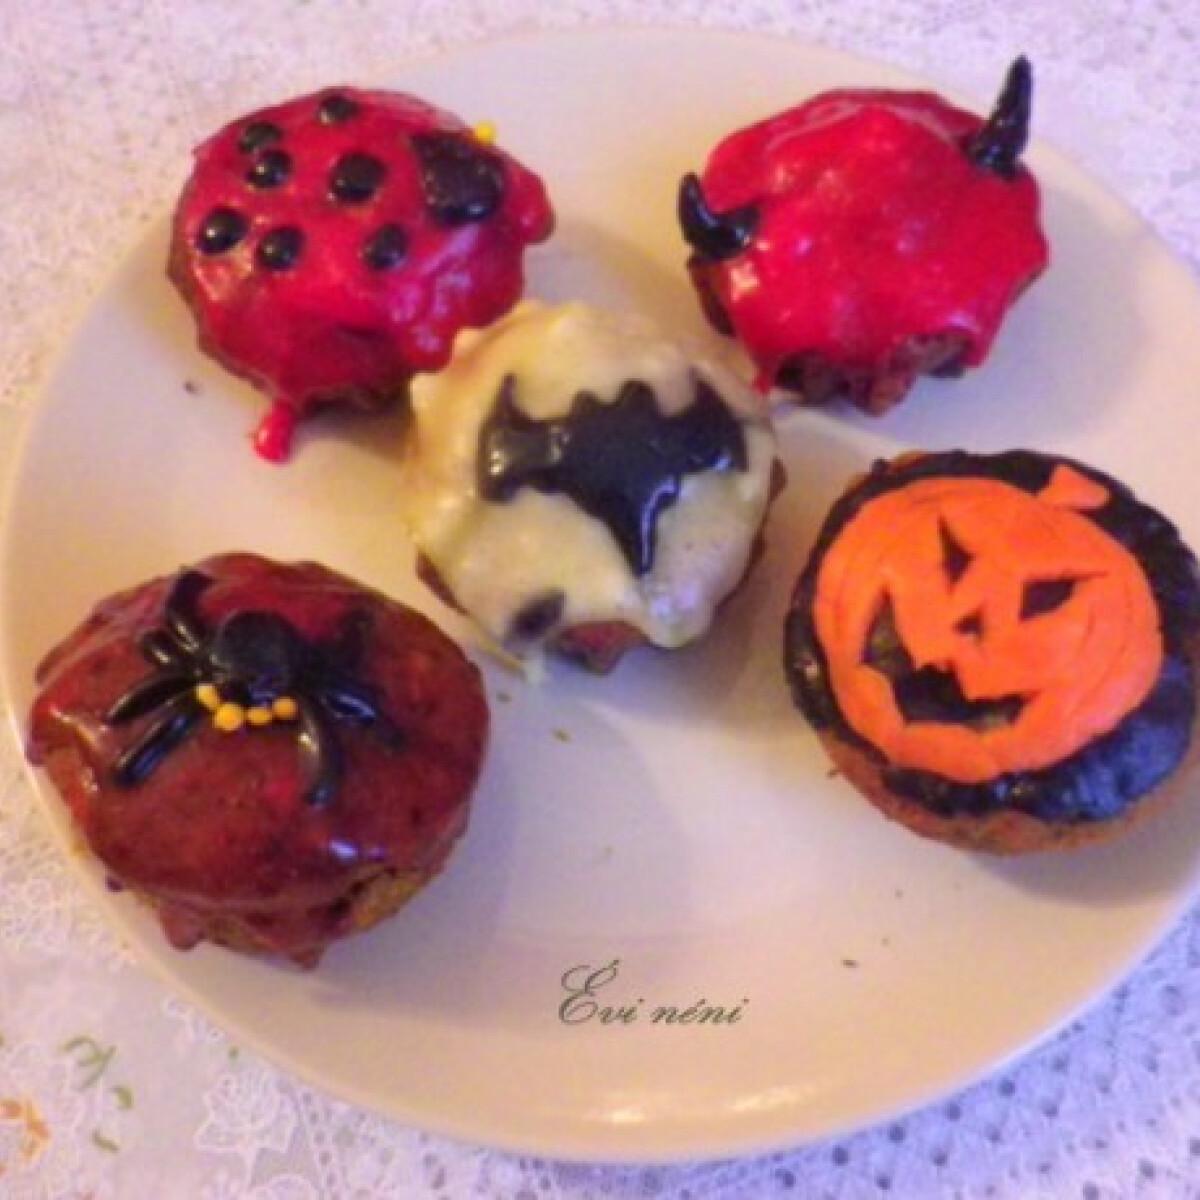 Ezen a képen: Halloweeni muffinok Évi nénitől